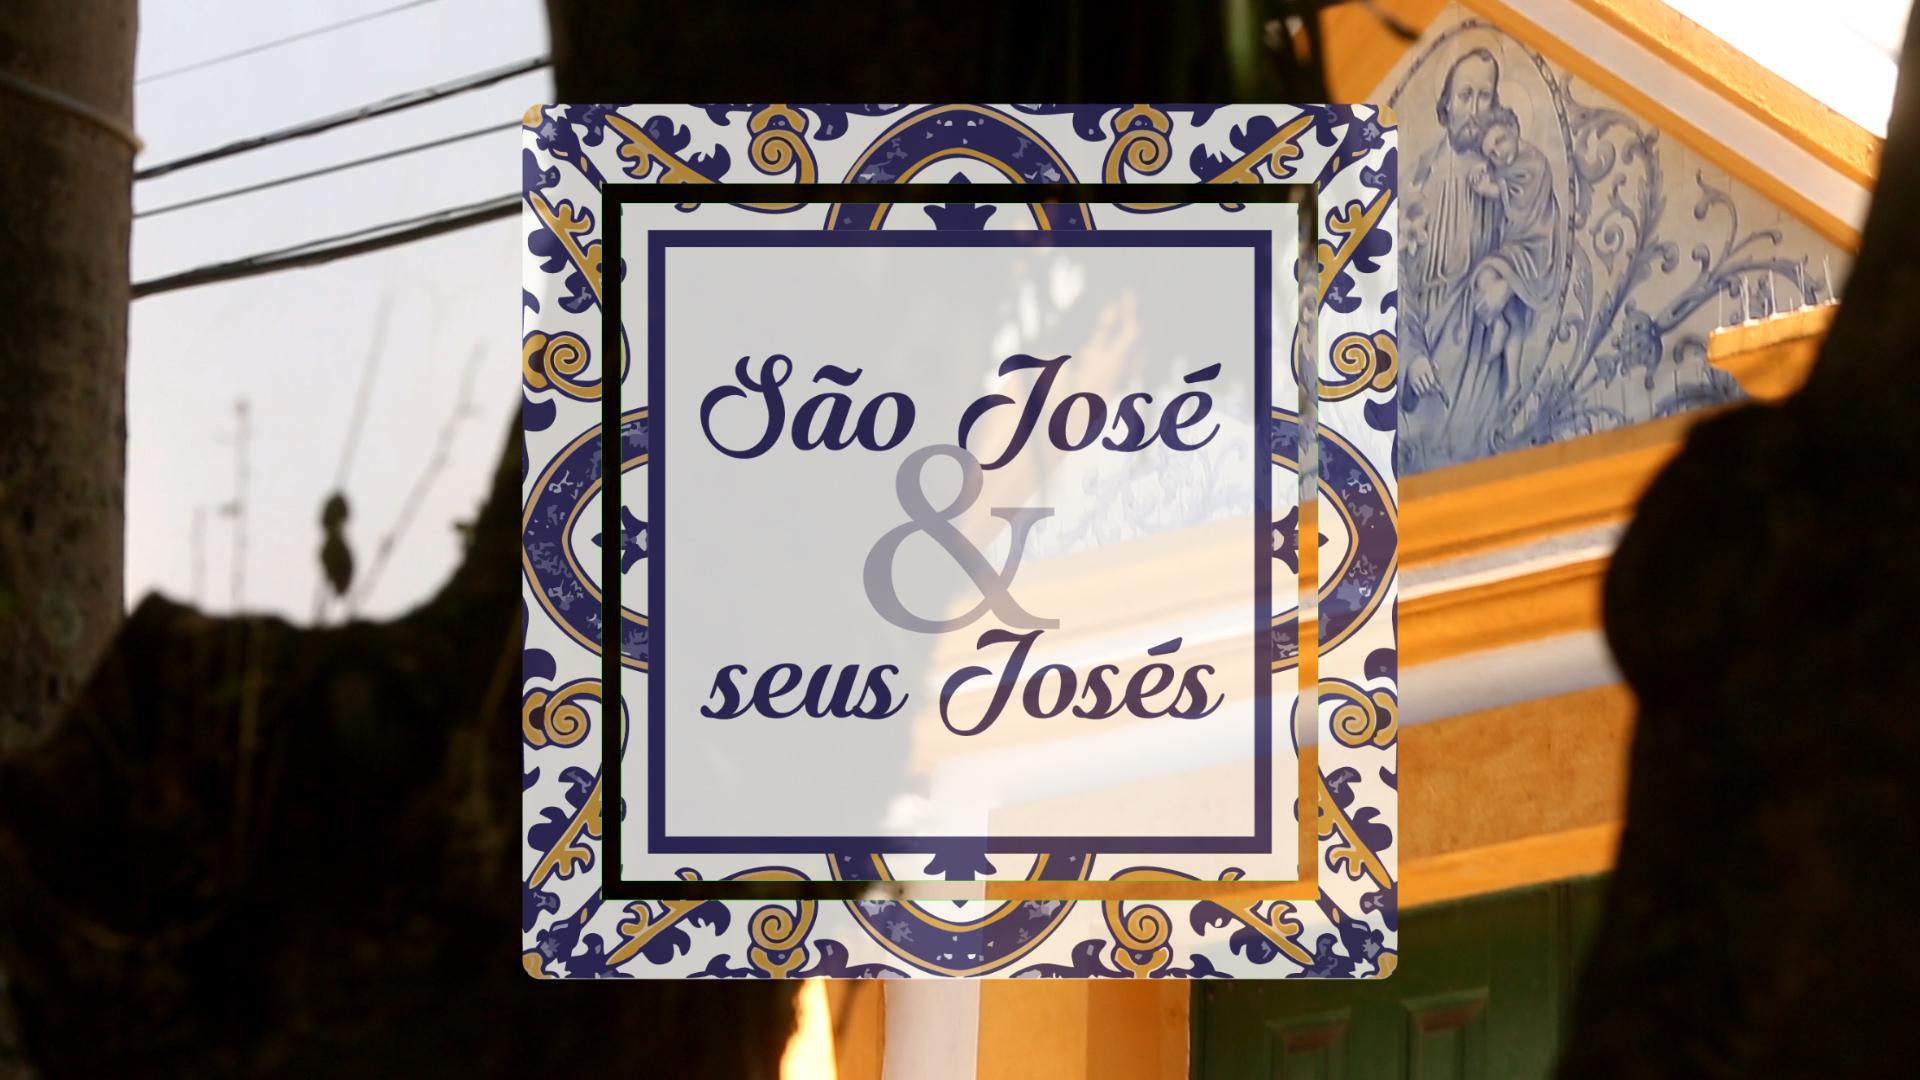 São José & seus Josés: José Vilmar da Silva